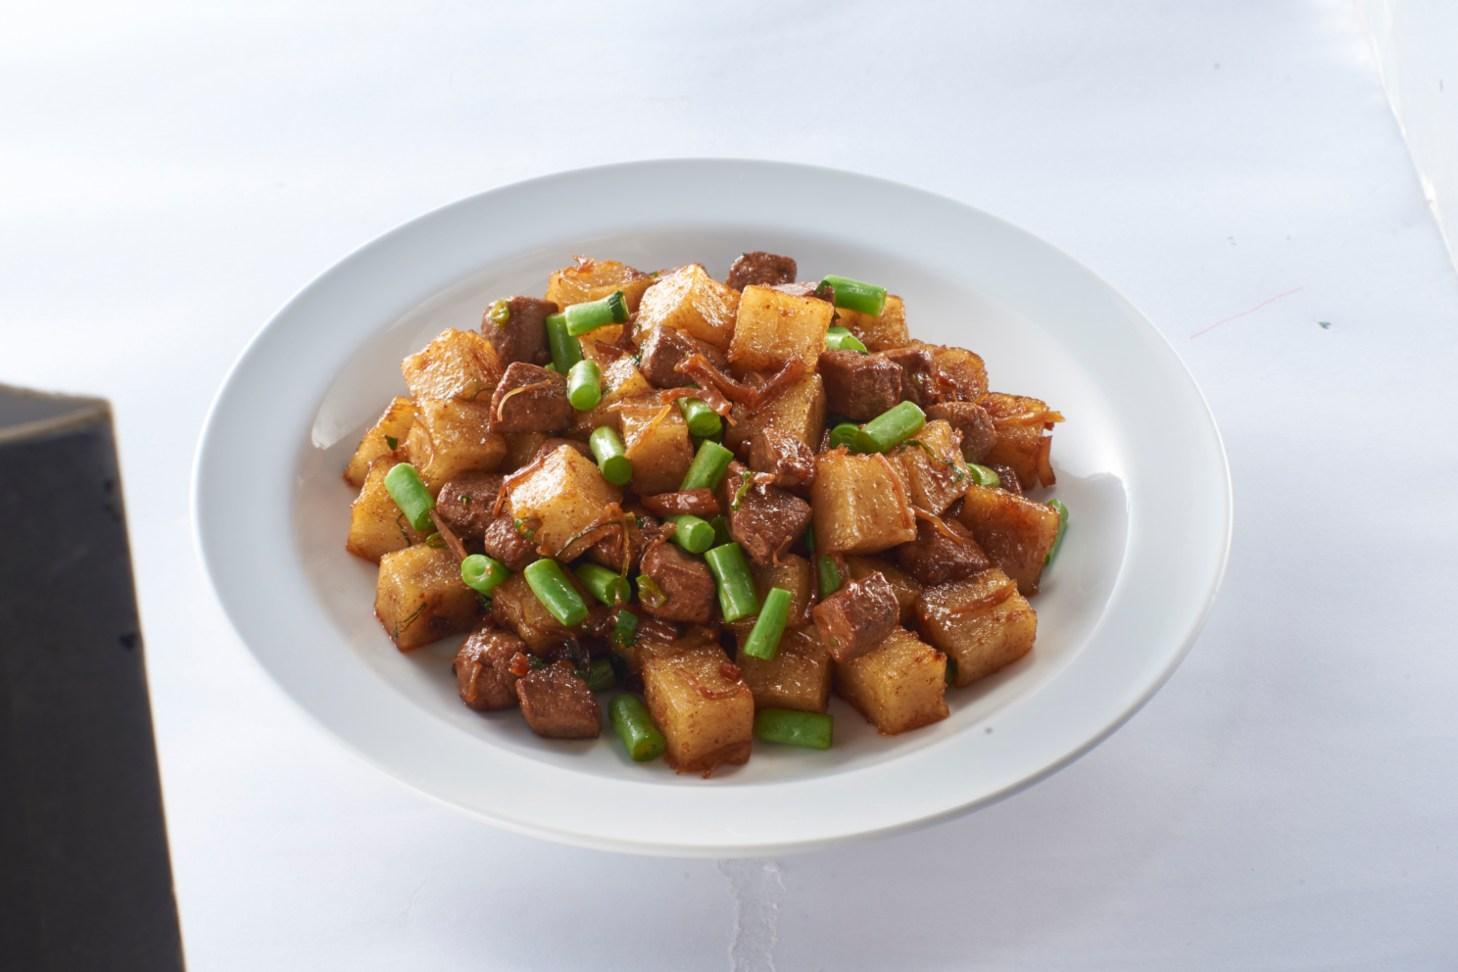 欣葉小聚今品的「XO 醬豬肝蘿蔔糕」,一道菜中能吃到干貝 XO 醬、豬肝與蘿蔔糕三種食材。(圖片:欣葉小聚今品提供)